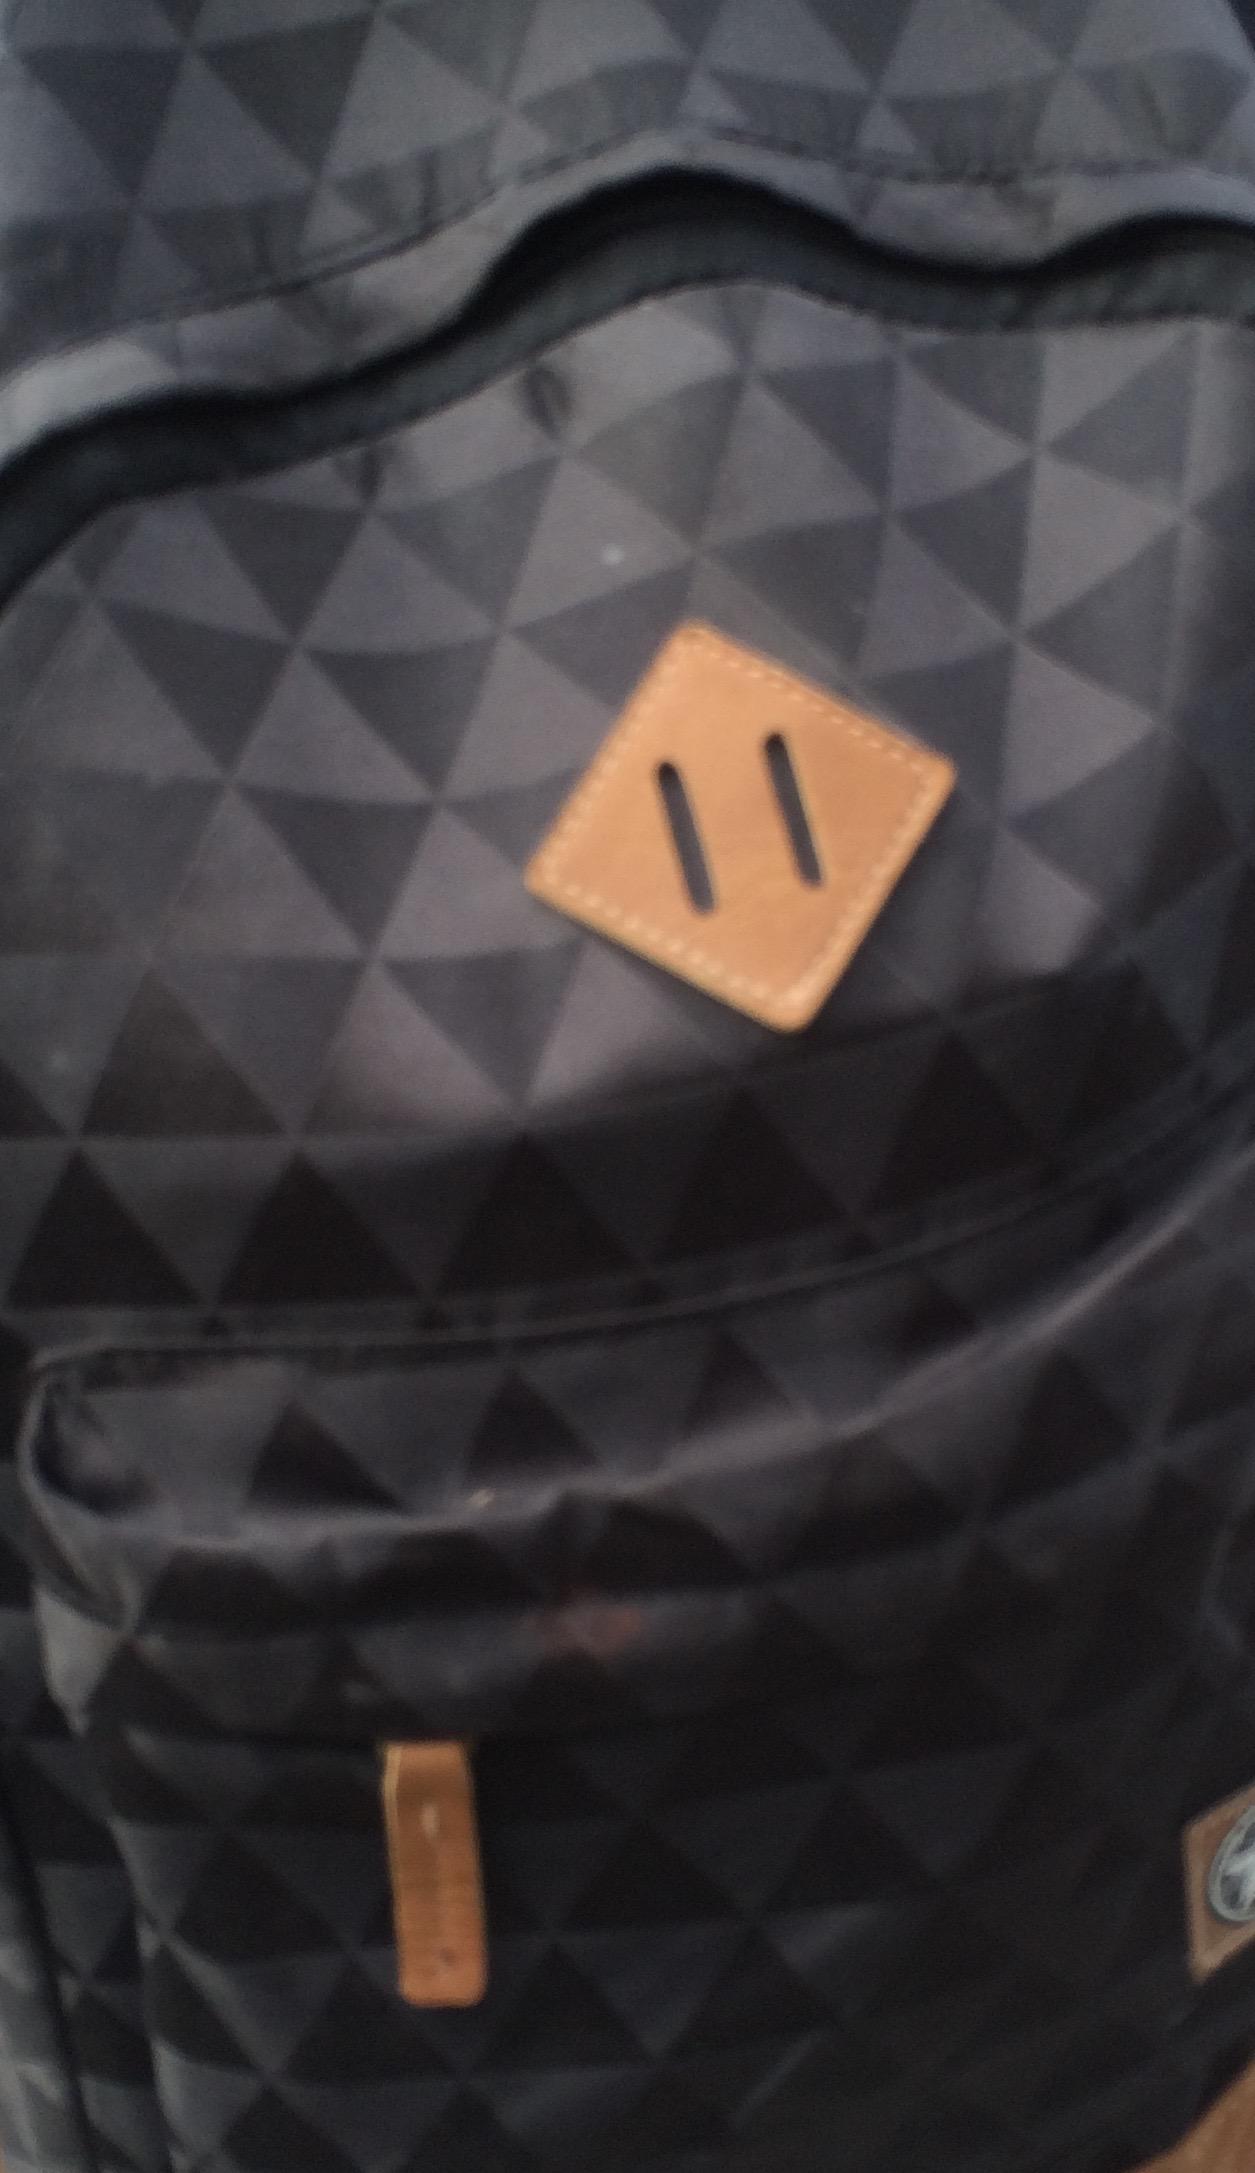 wie hei t diese rucksackmarke mit diesem logo marke rucksack markenname. Black Bedroom Furniture Sets. Home Design Ideas